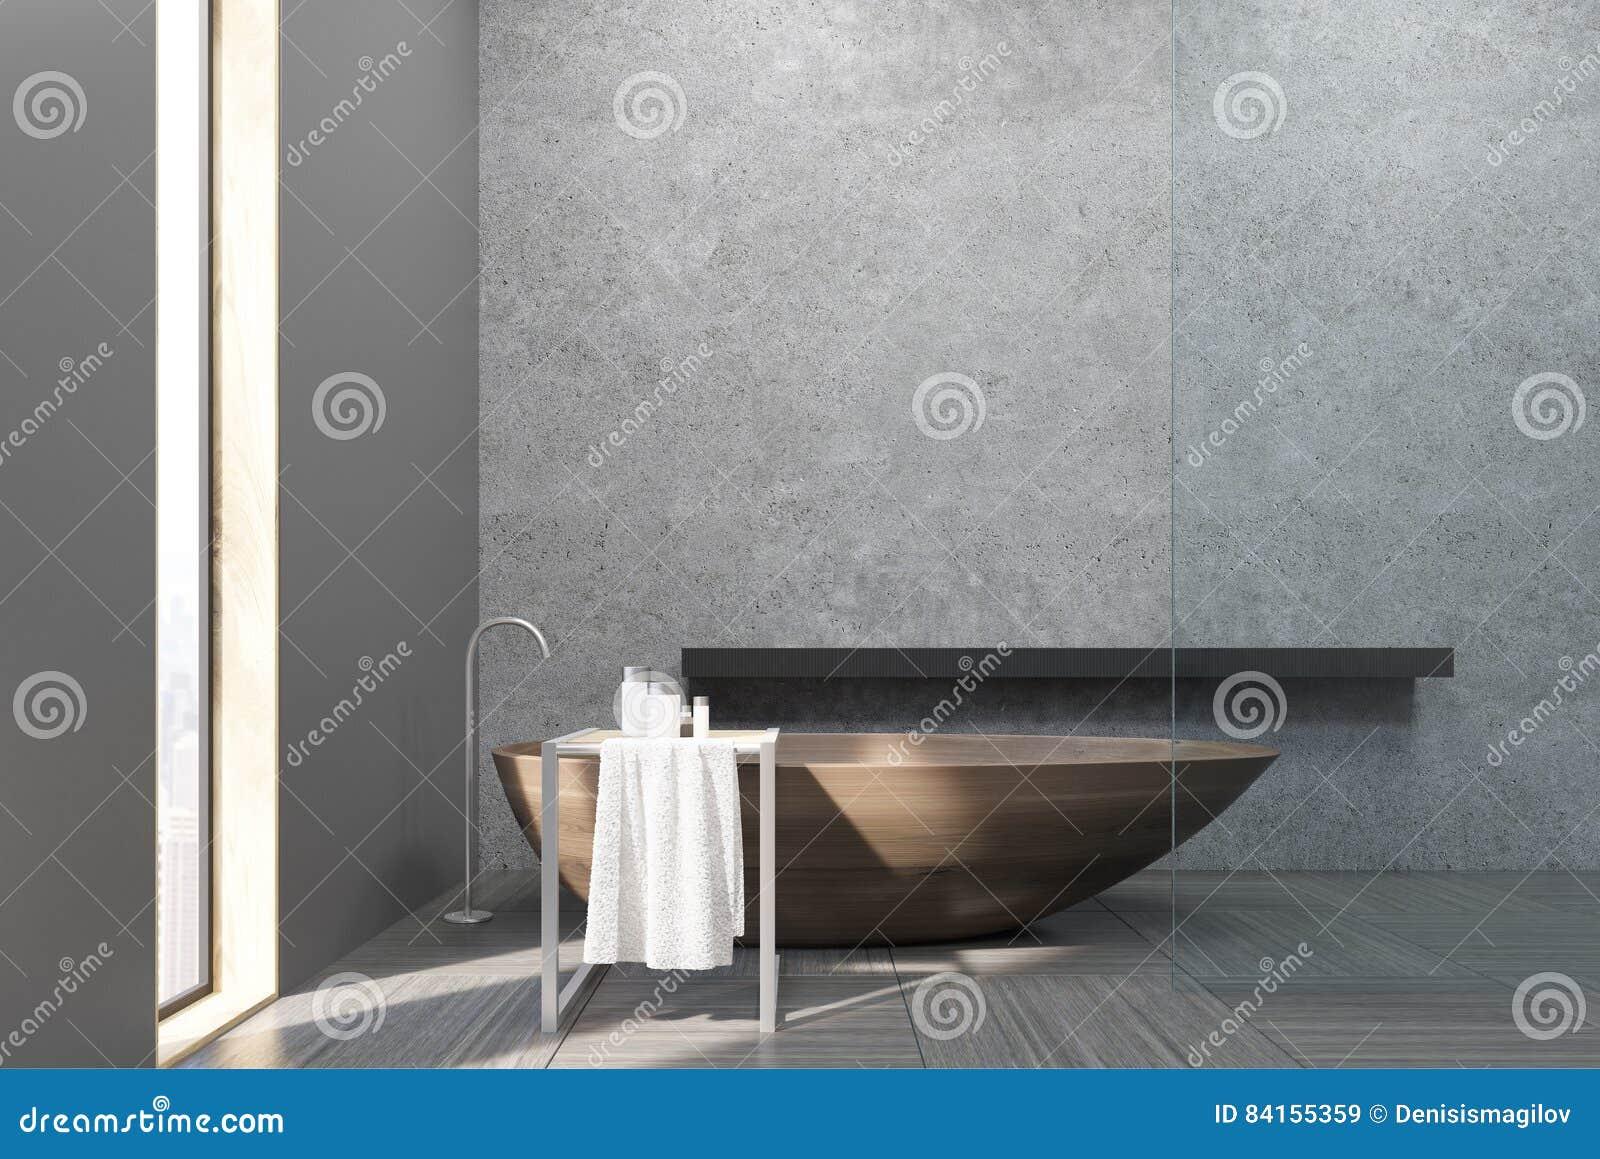 Vasca Da Bagno Stretta : Interno di un bagno con una finestra stretta una vasca di legno i